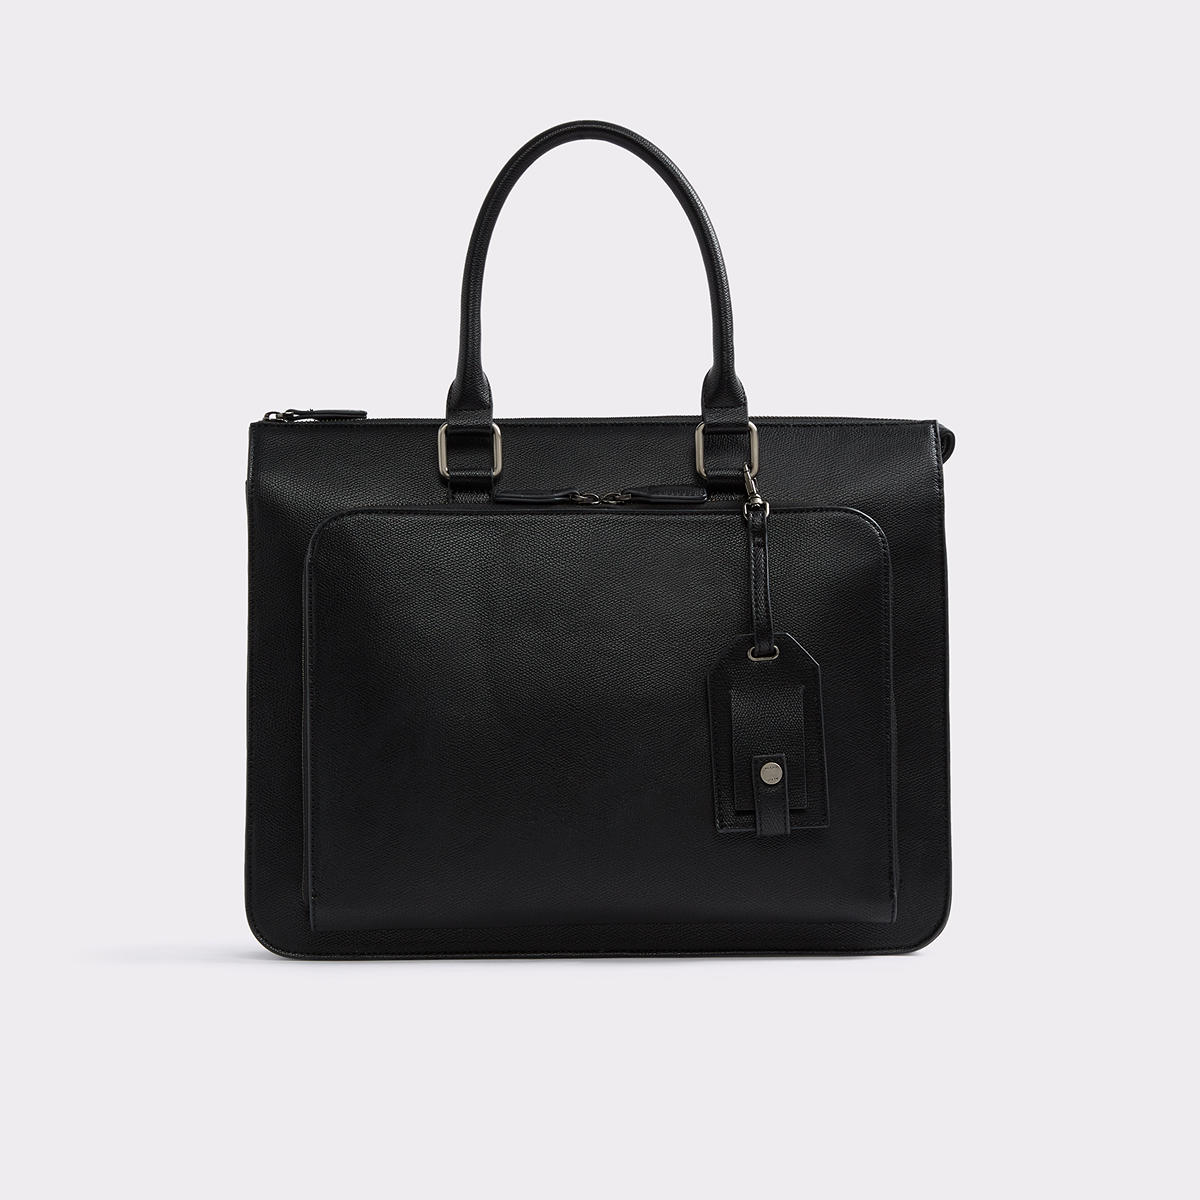 Breuson Black Men's Bags & wallets | ALDO US at Aldo Shoes in Victor, NY | Tuggl